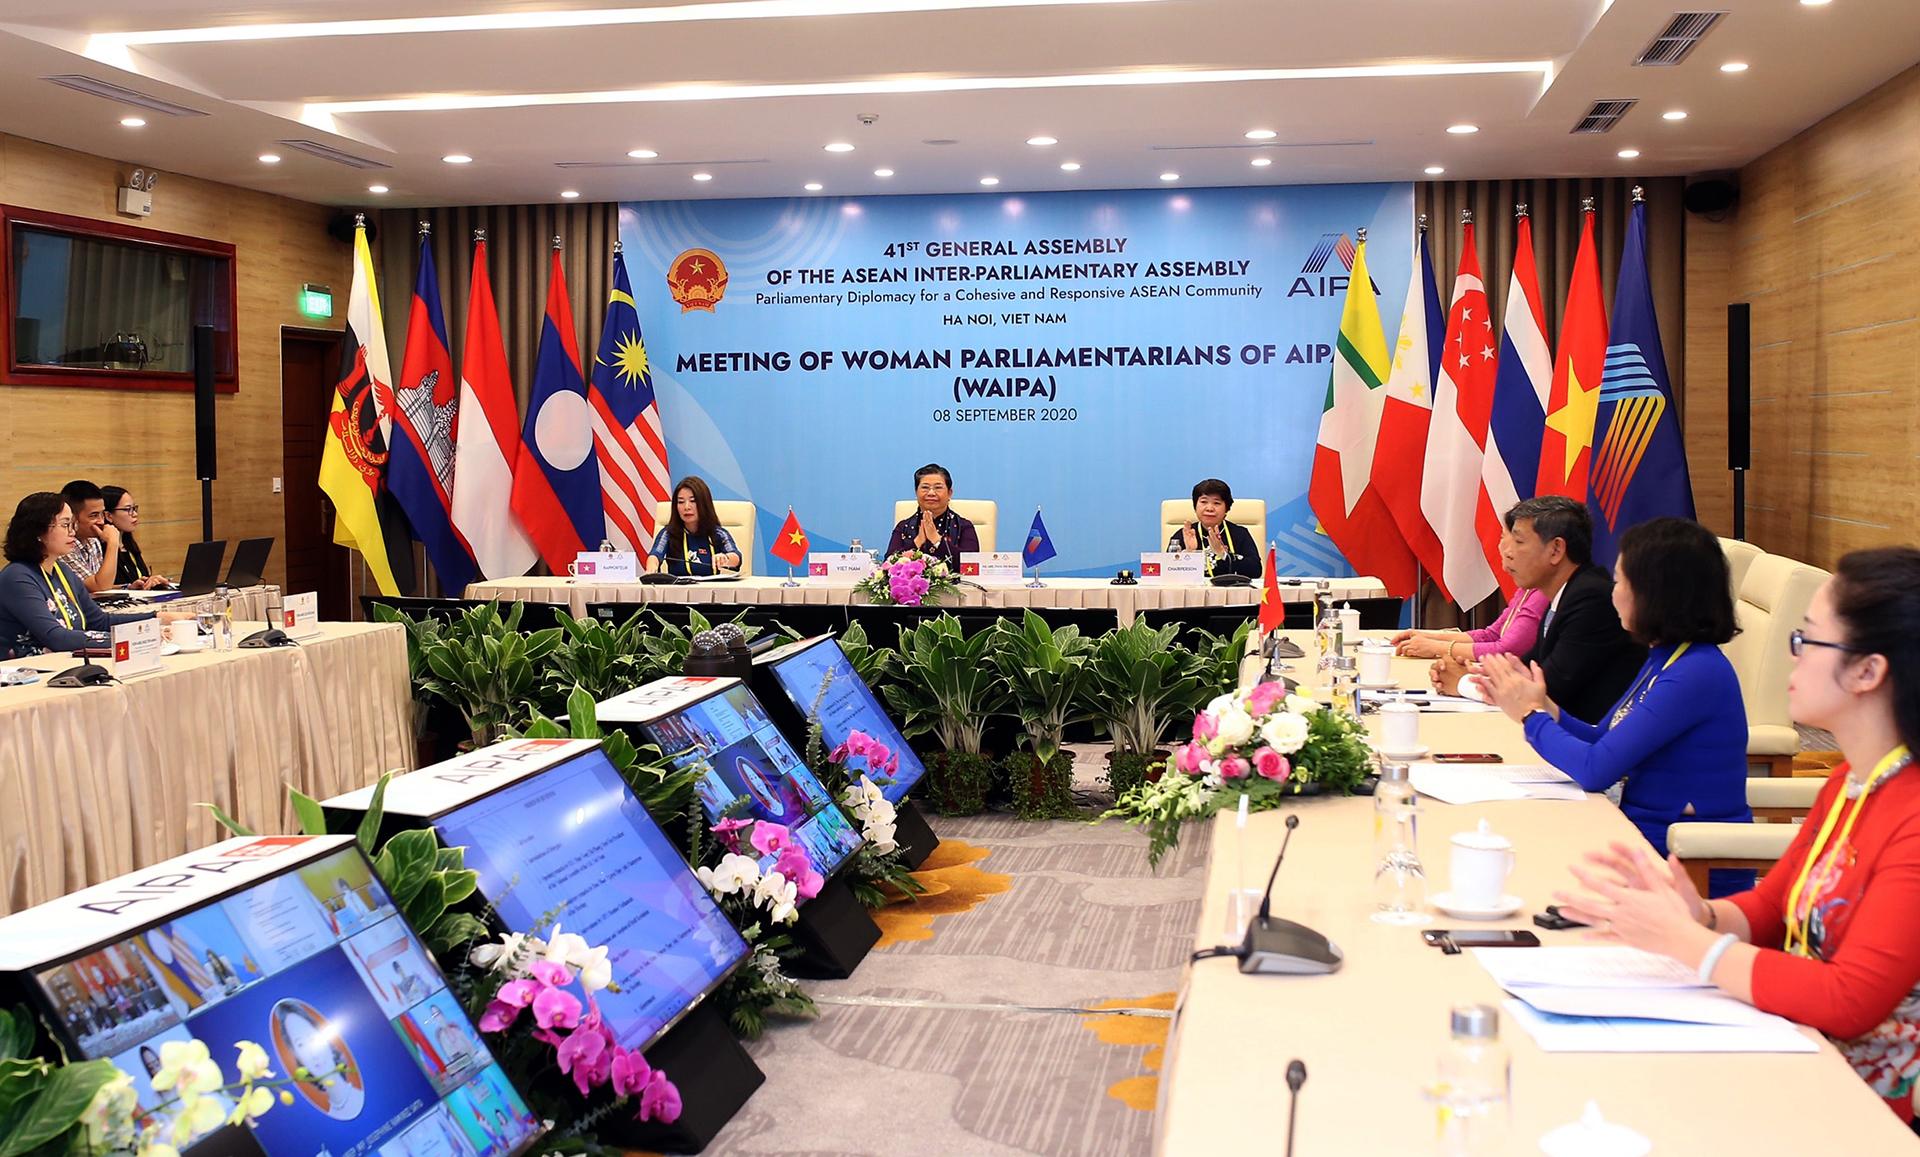 Đại hội đồng AIPA 41 và dấu ấn Quốc hội Việt Nam - 8